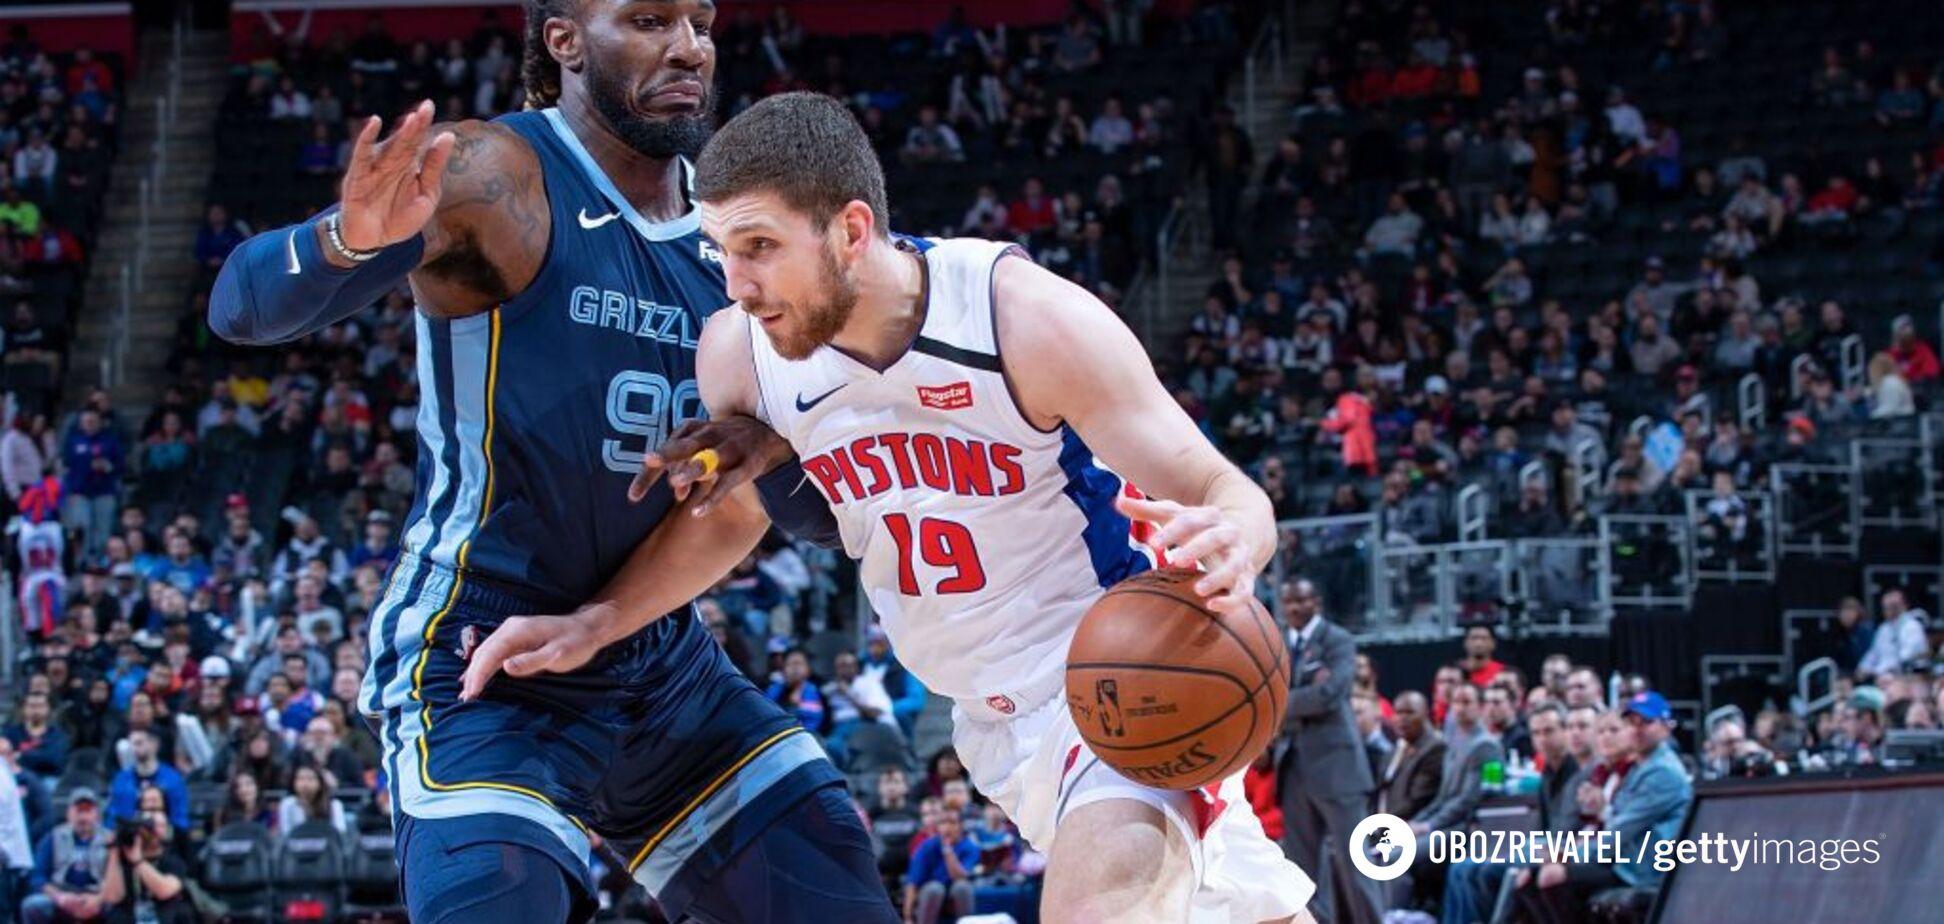 Українець Михайлюк провів розкішний матч в НБА